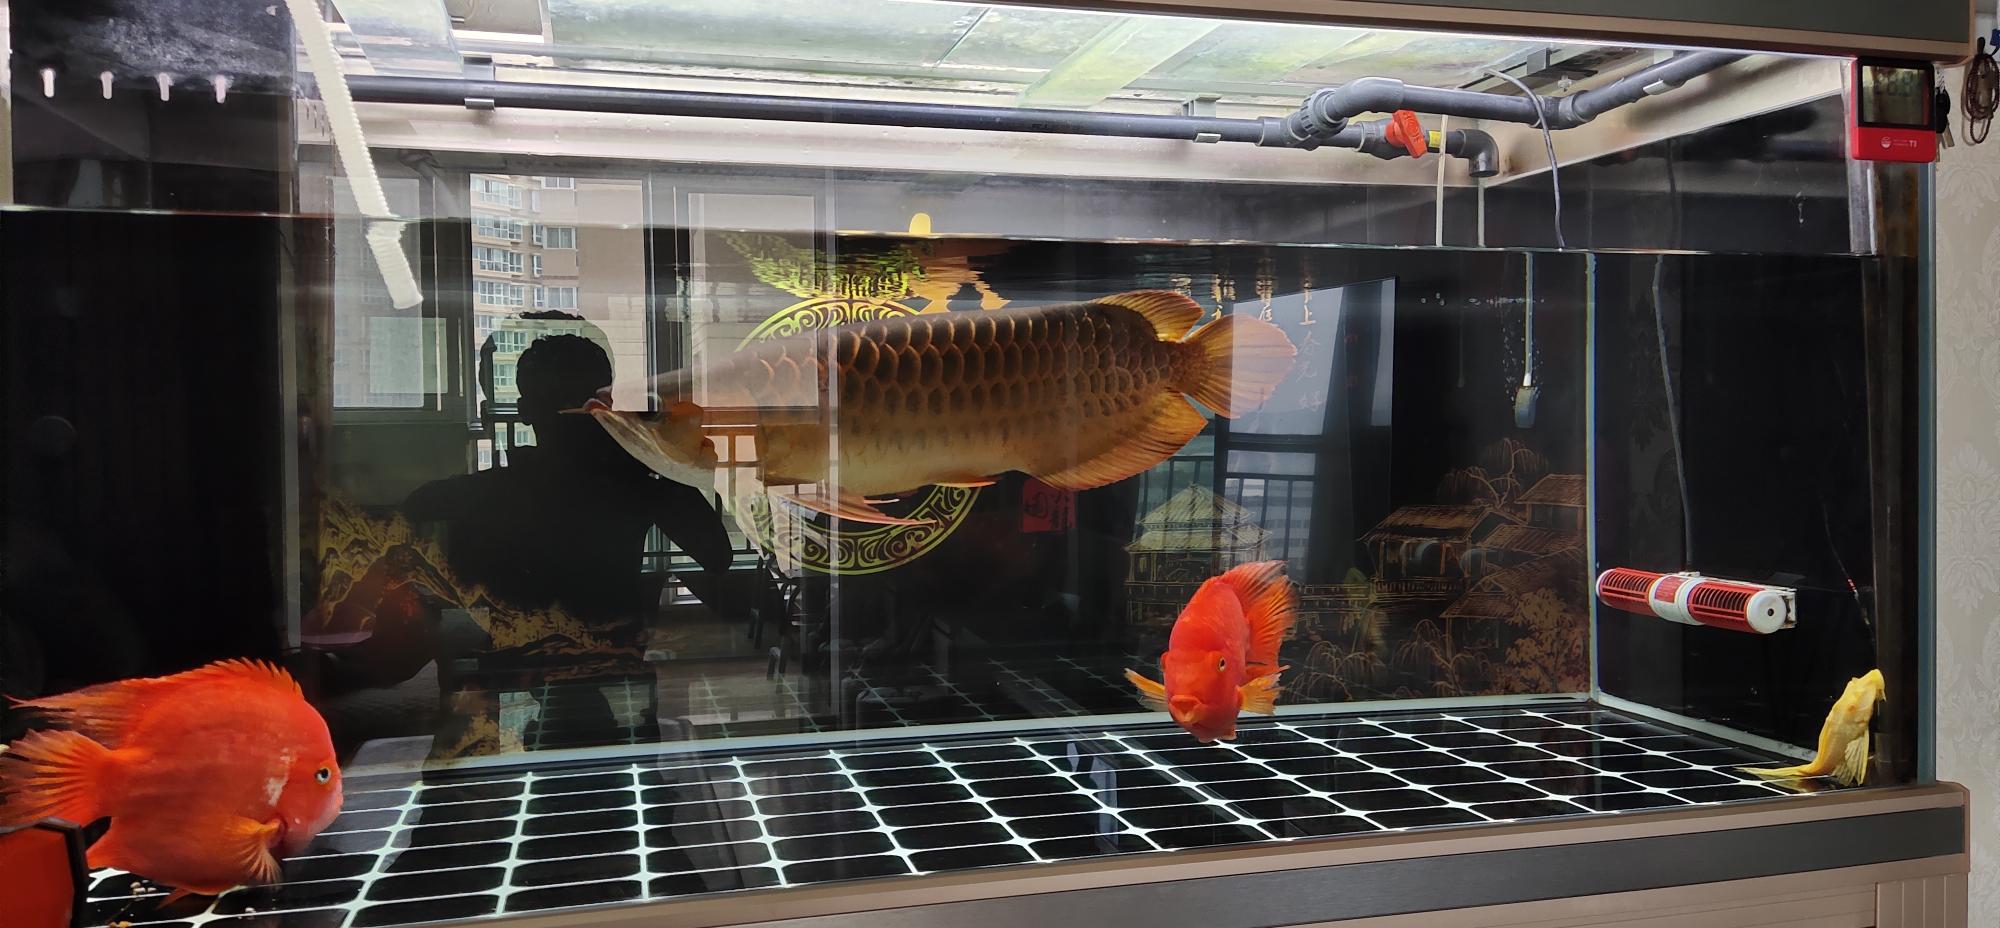 鄂州狗仔鲸(红尾猫)批发市场打卡换水时间 鄂州龙鱼论坛 鄂州龙鱼第3张